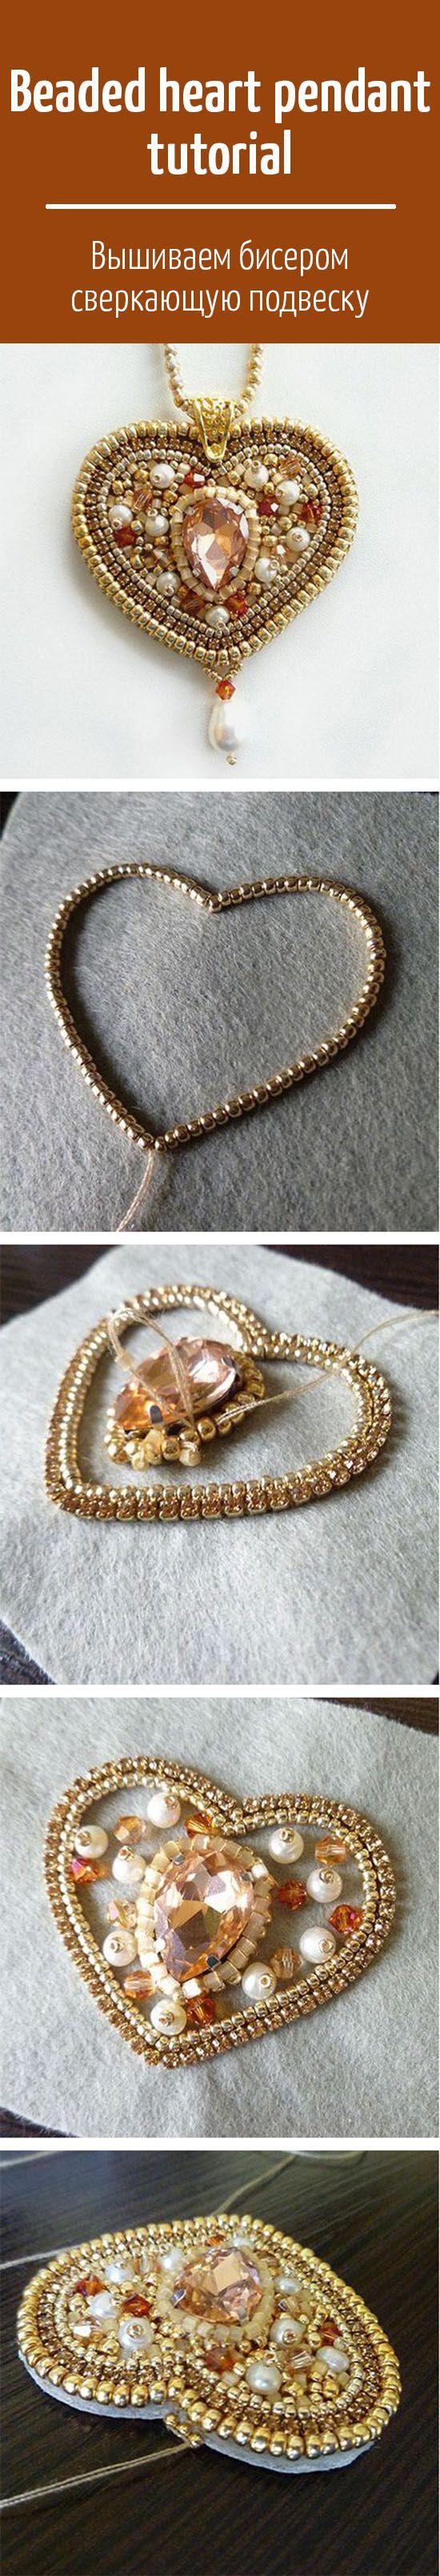 """* Beaded heart pendant tutorial / """"Люблю тебя нежно..."""" Вышиваем бисером, бусинами…"""